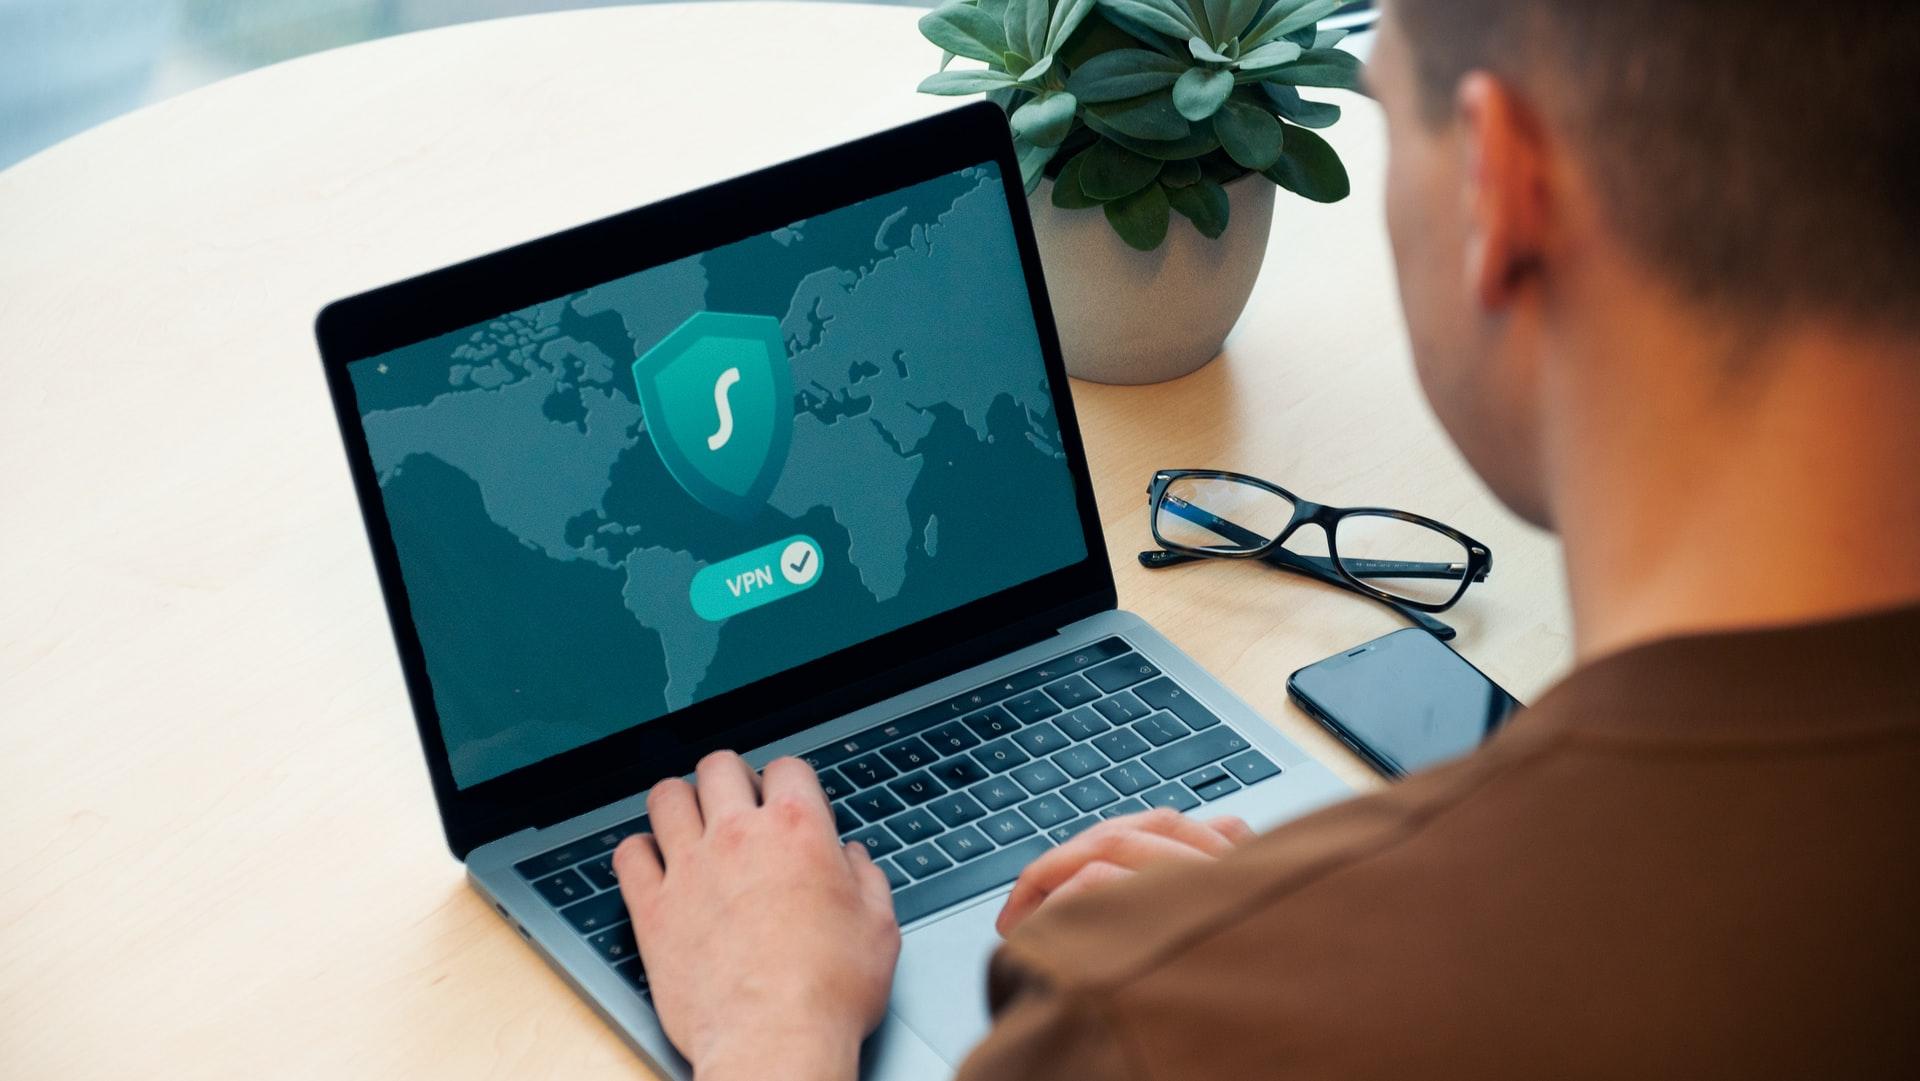 VPN w laptopie